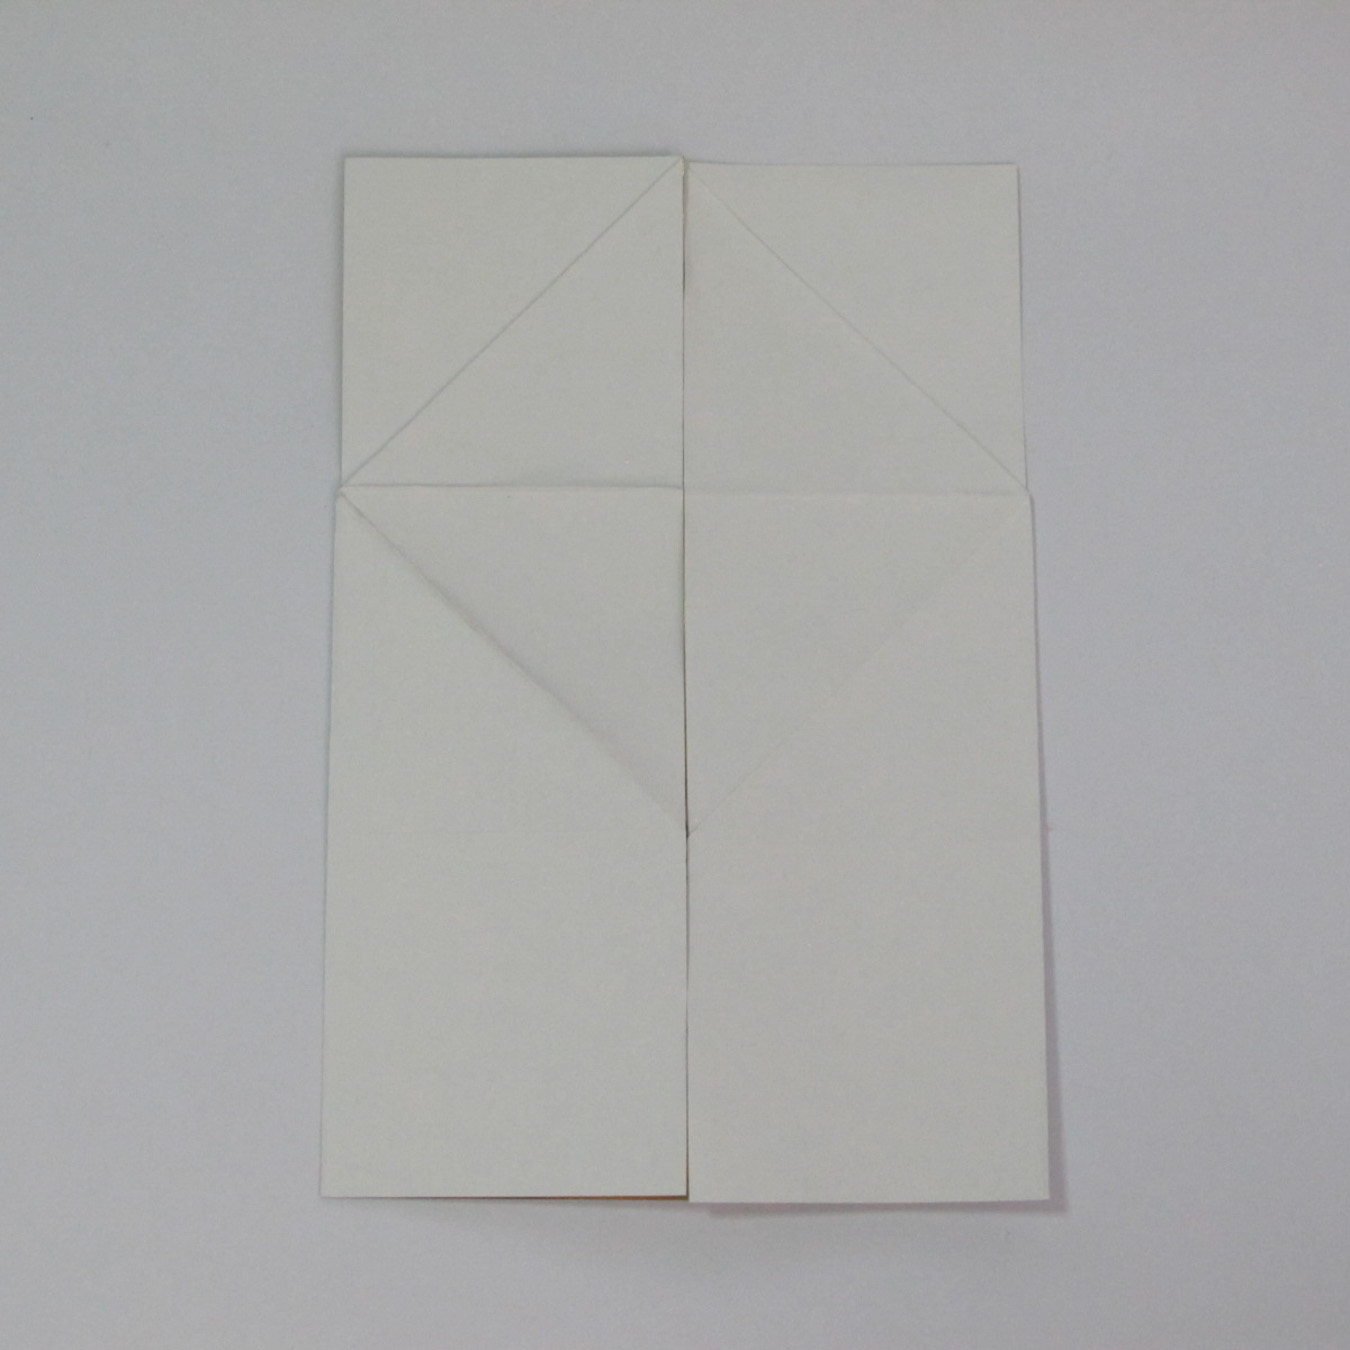 วิธีพับกระดาษเป็นรูปหัวใจติดปีก (Heart Wing Origami) 014